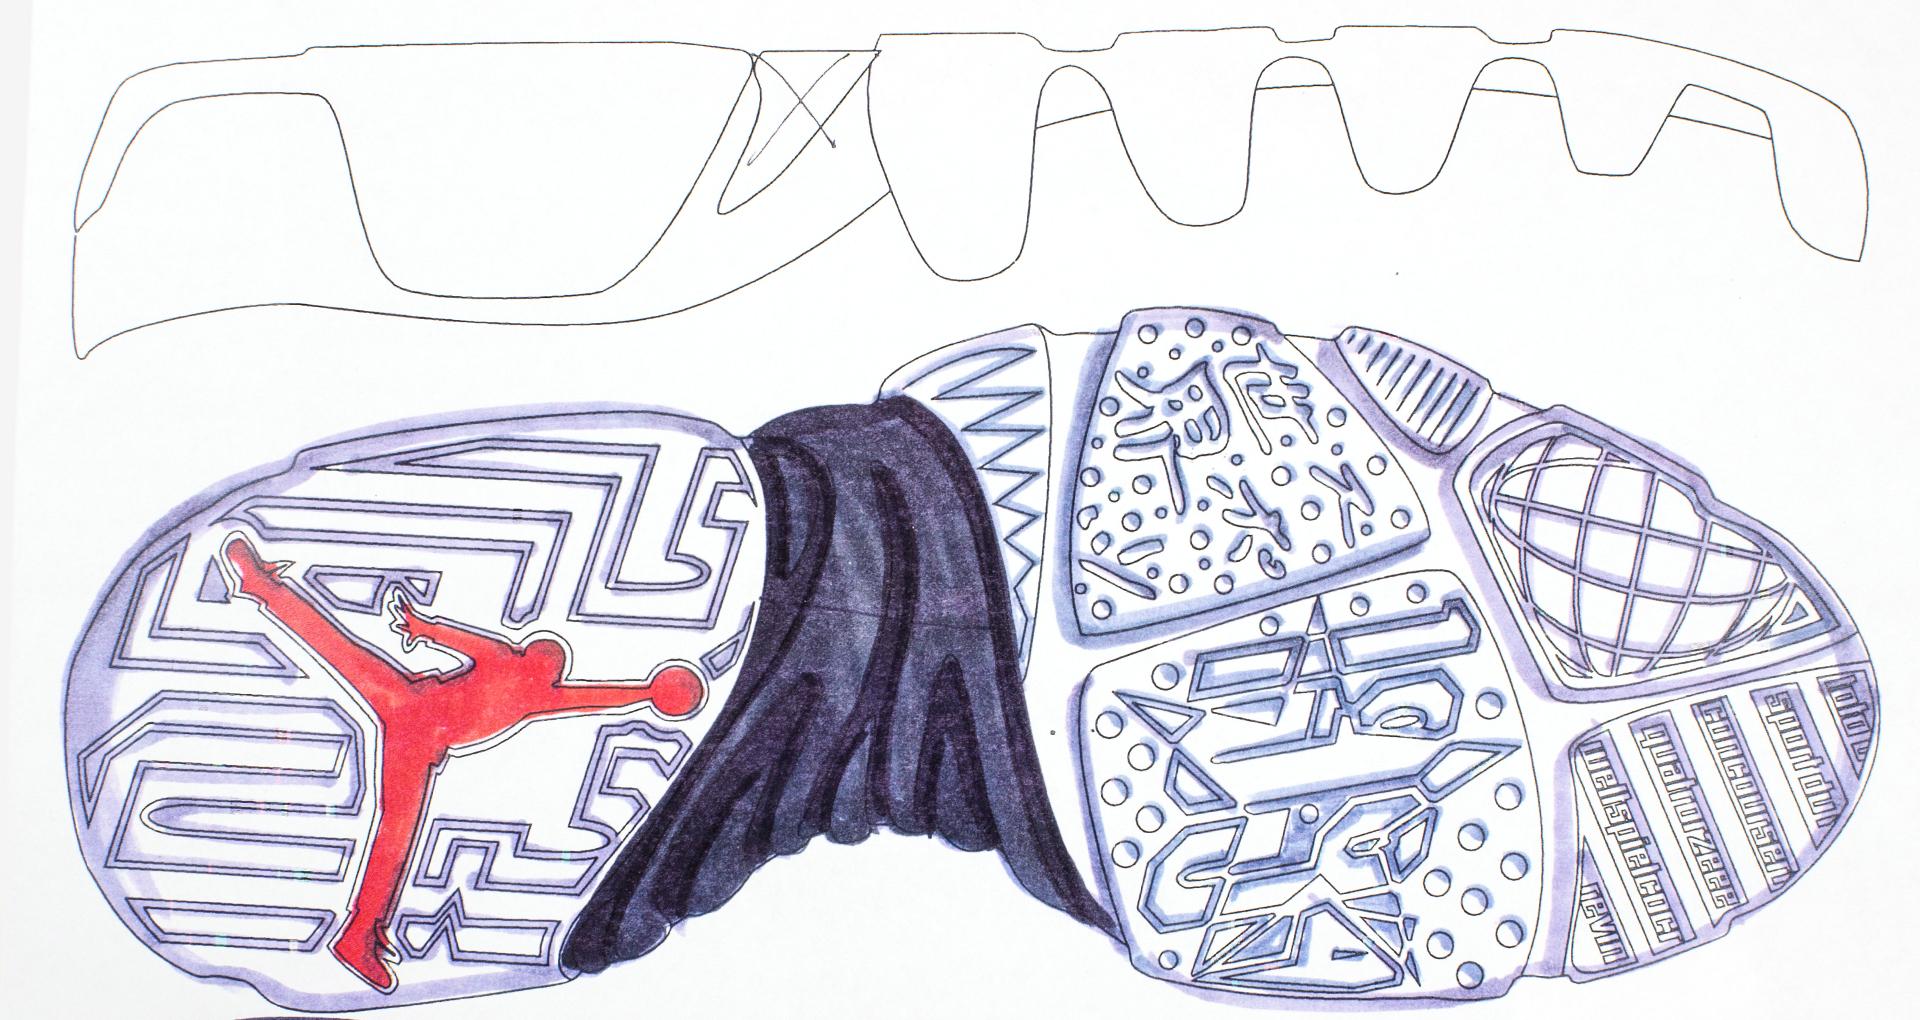 Air Jordan 9 Design Sketch 4